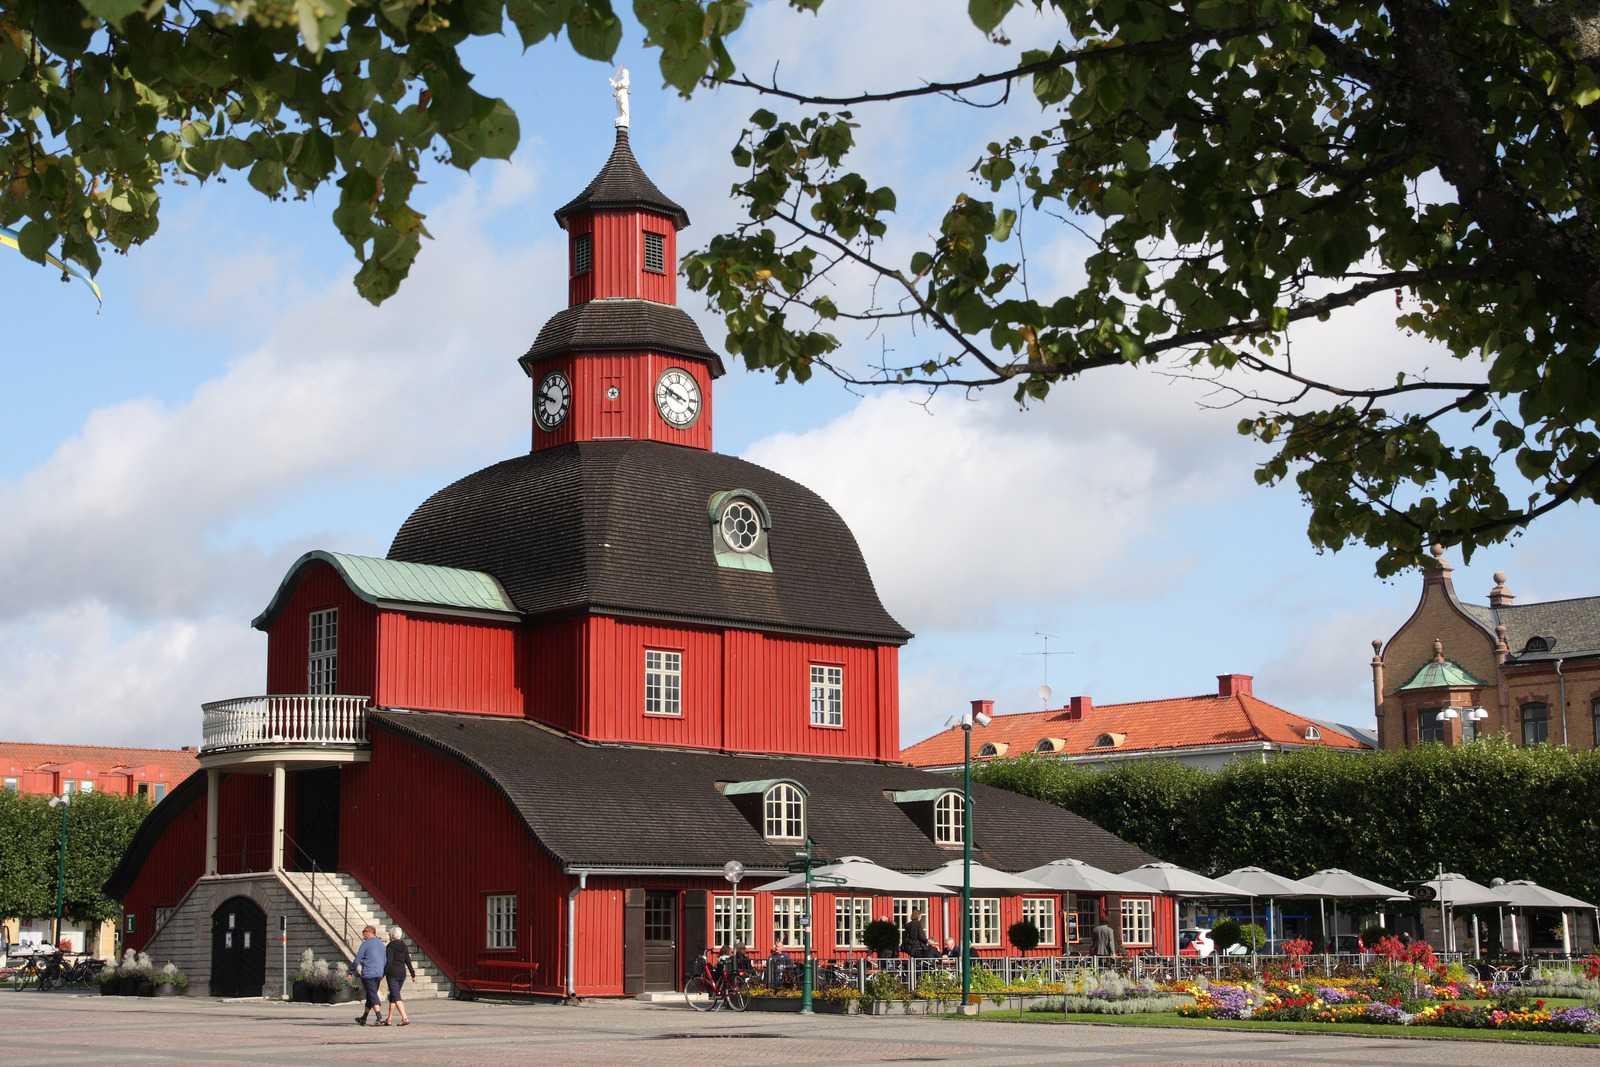 Lidköping, Sweden. Photo by hias_schell/Pixabay.